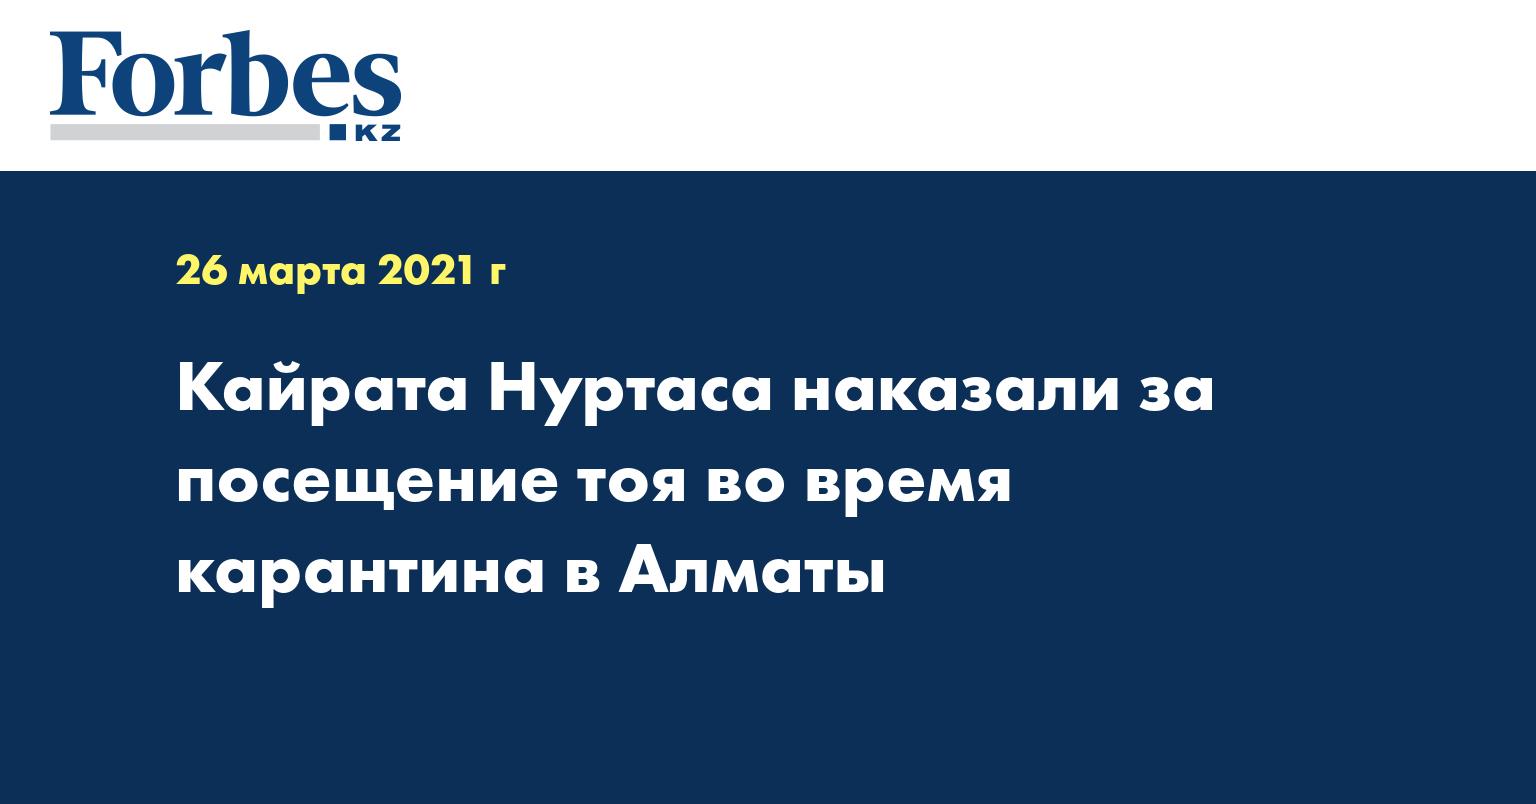 Кайрата Нуртаса наказали за посещение тоя во время карантина в Алматы